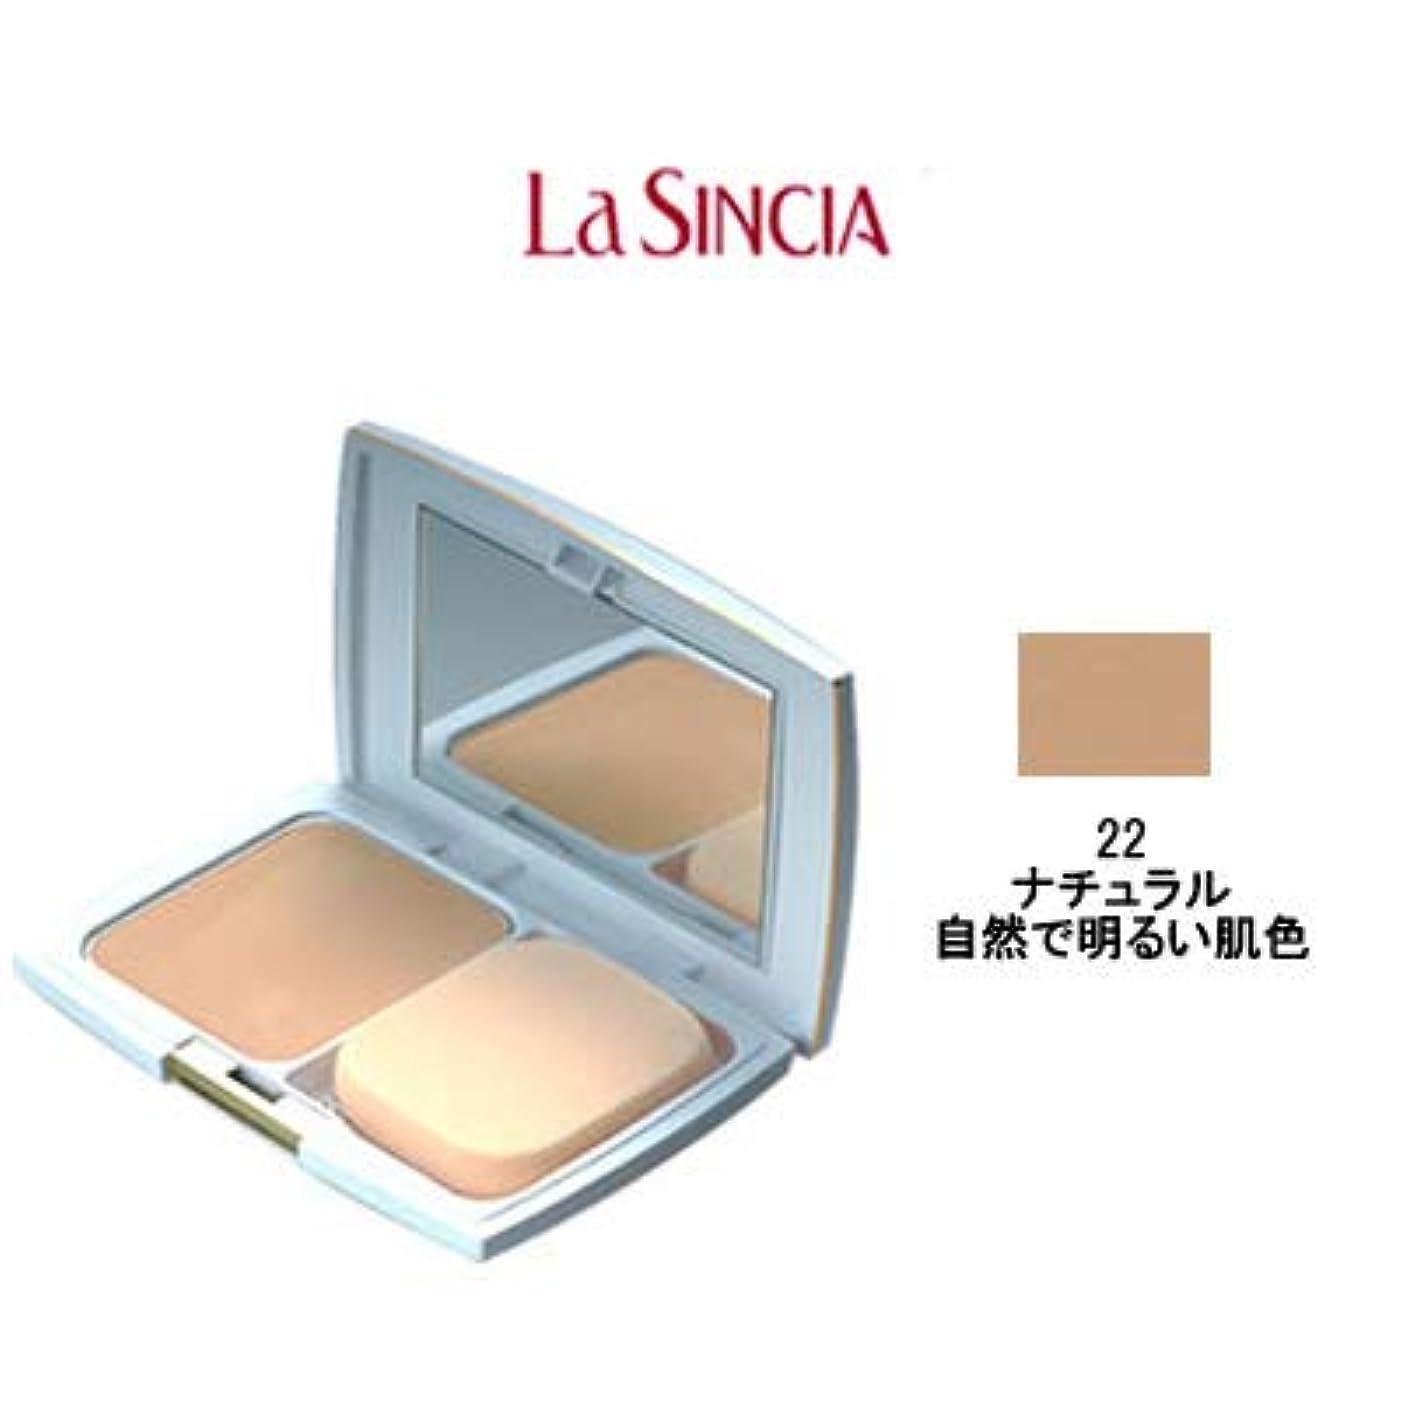 右難しい五ラシンシア パウダリーパクトUV レフィル 22 ナチュラル 自然で明るい肌色